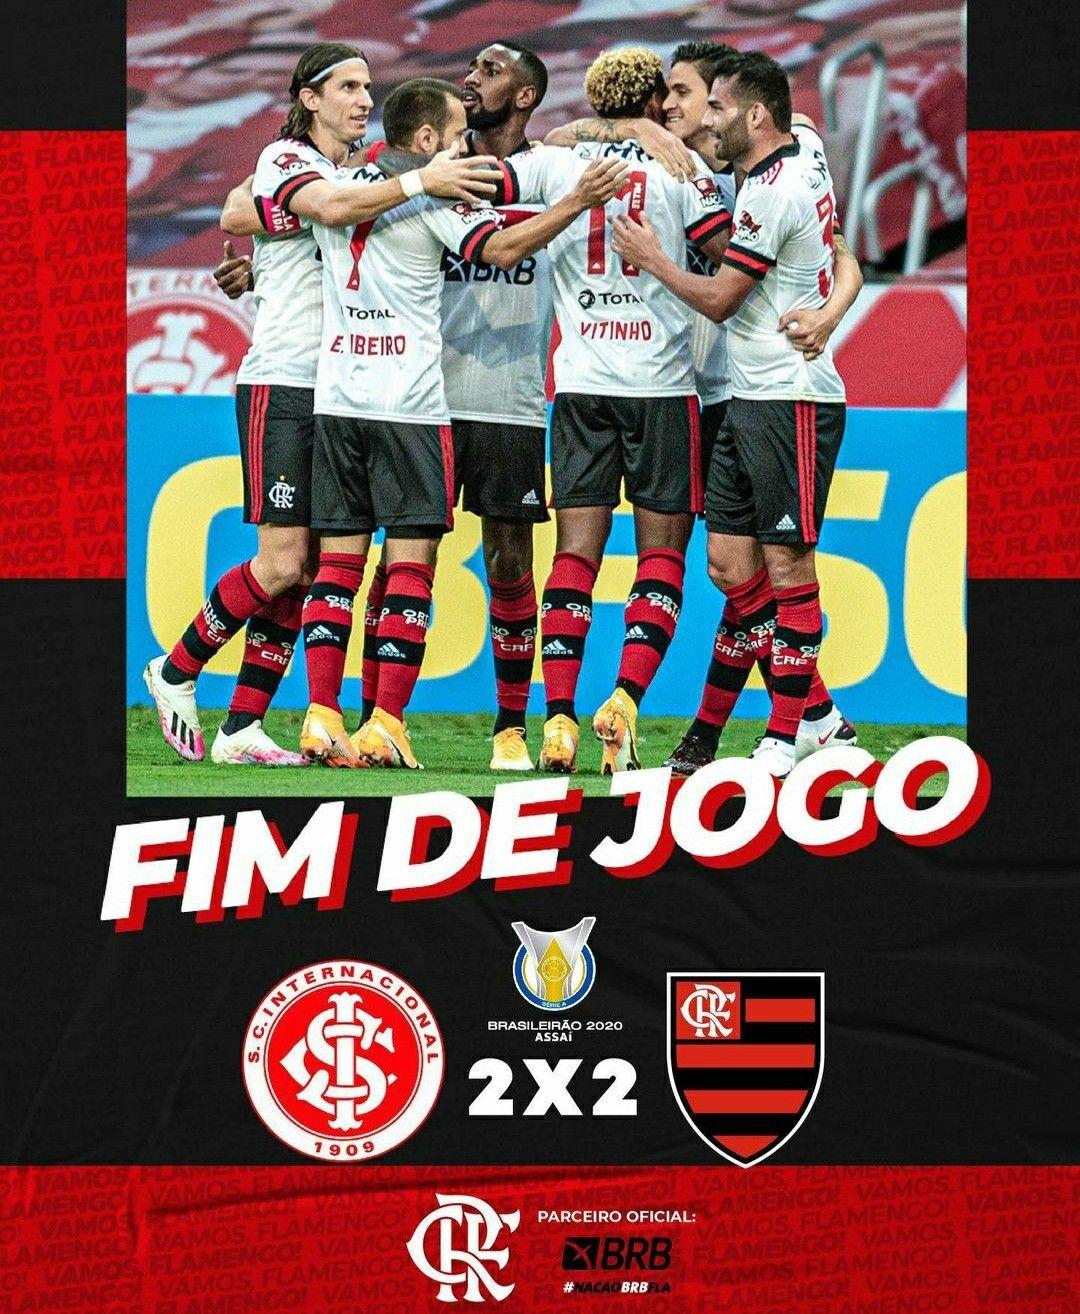 Fim De Jogo Internacional E Flamengo Beira Rio Tudo Sobre Flamengo Jogos Vitinho